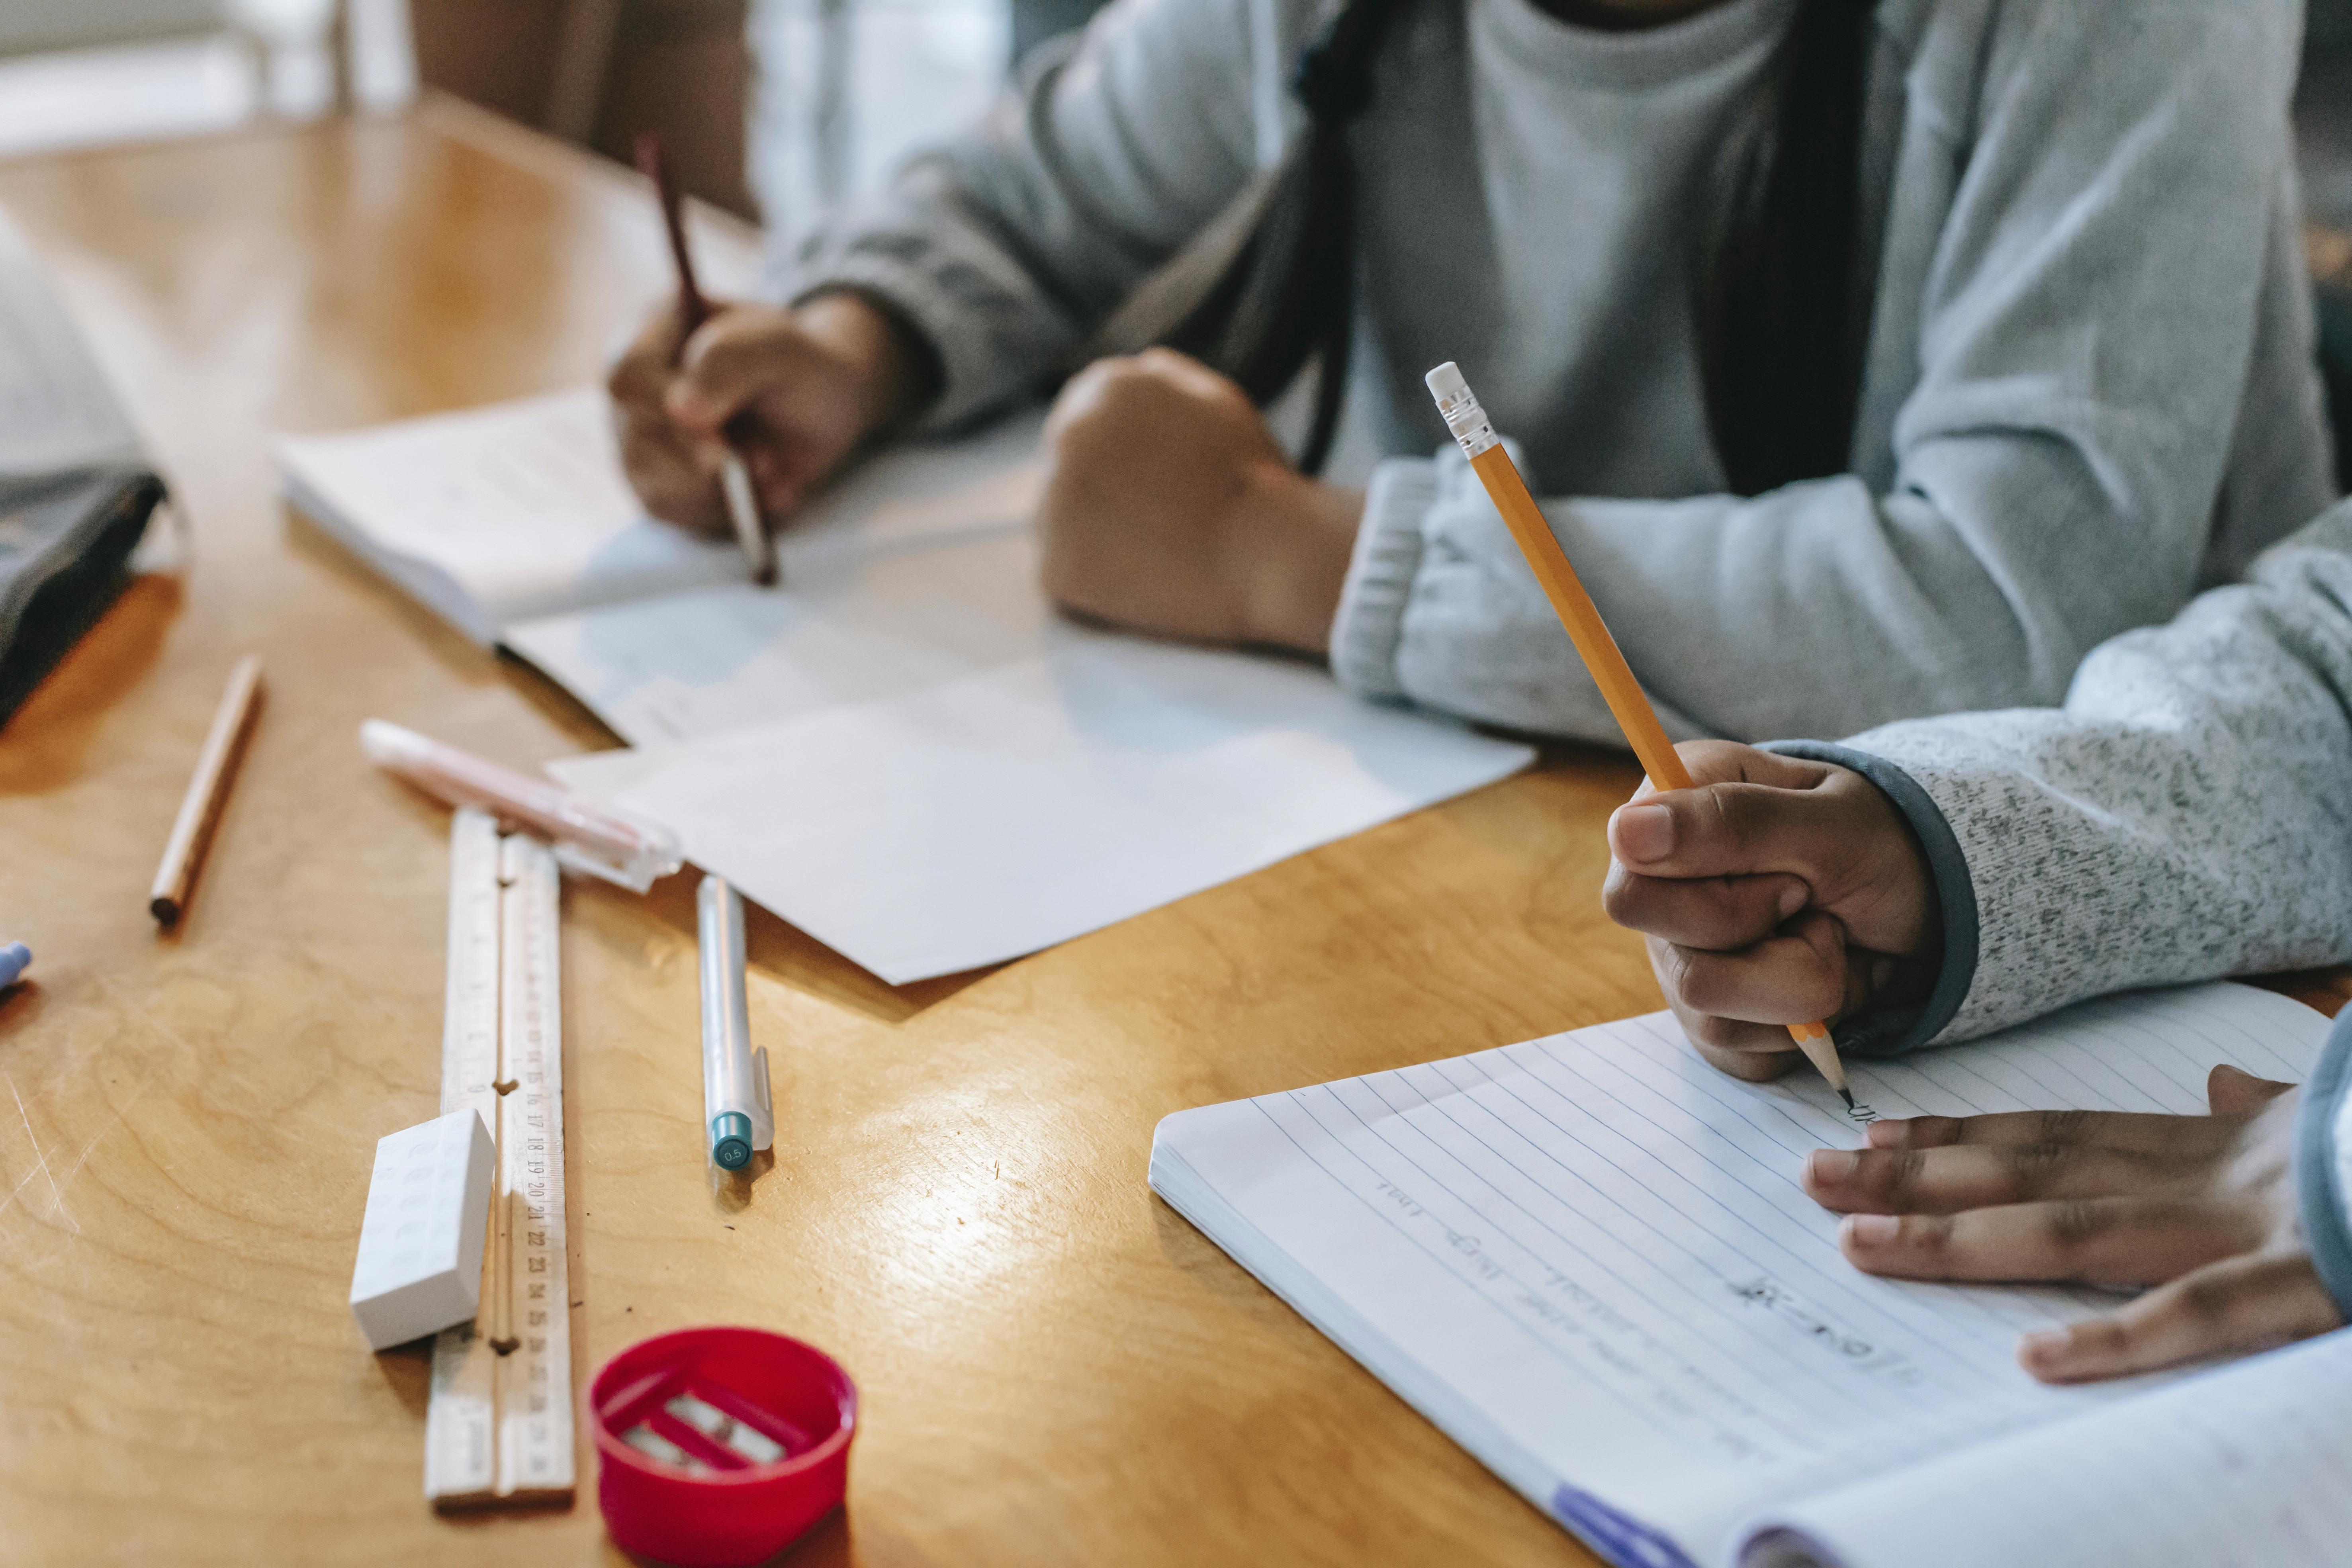 Allocation de rentrée scolaire : « une aide de survie »dont contrôler l'utilisation « serait un contre-sens »